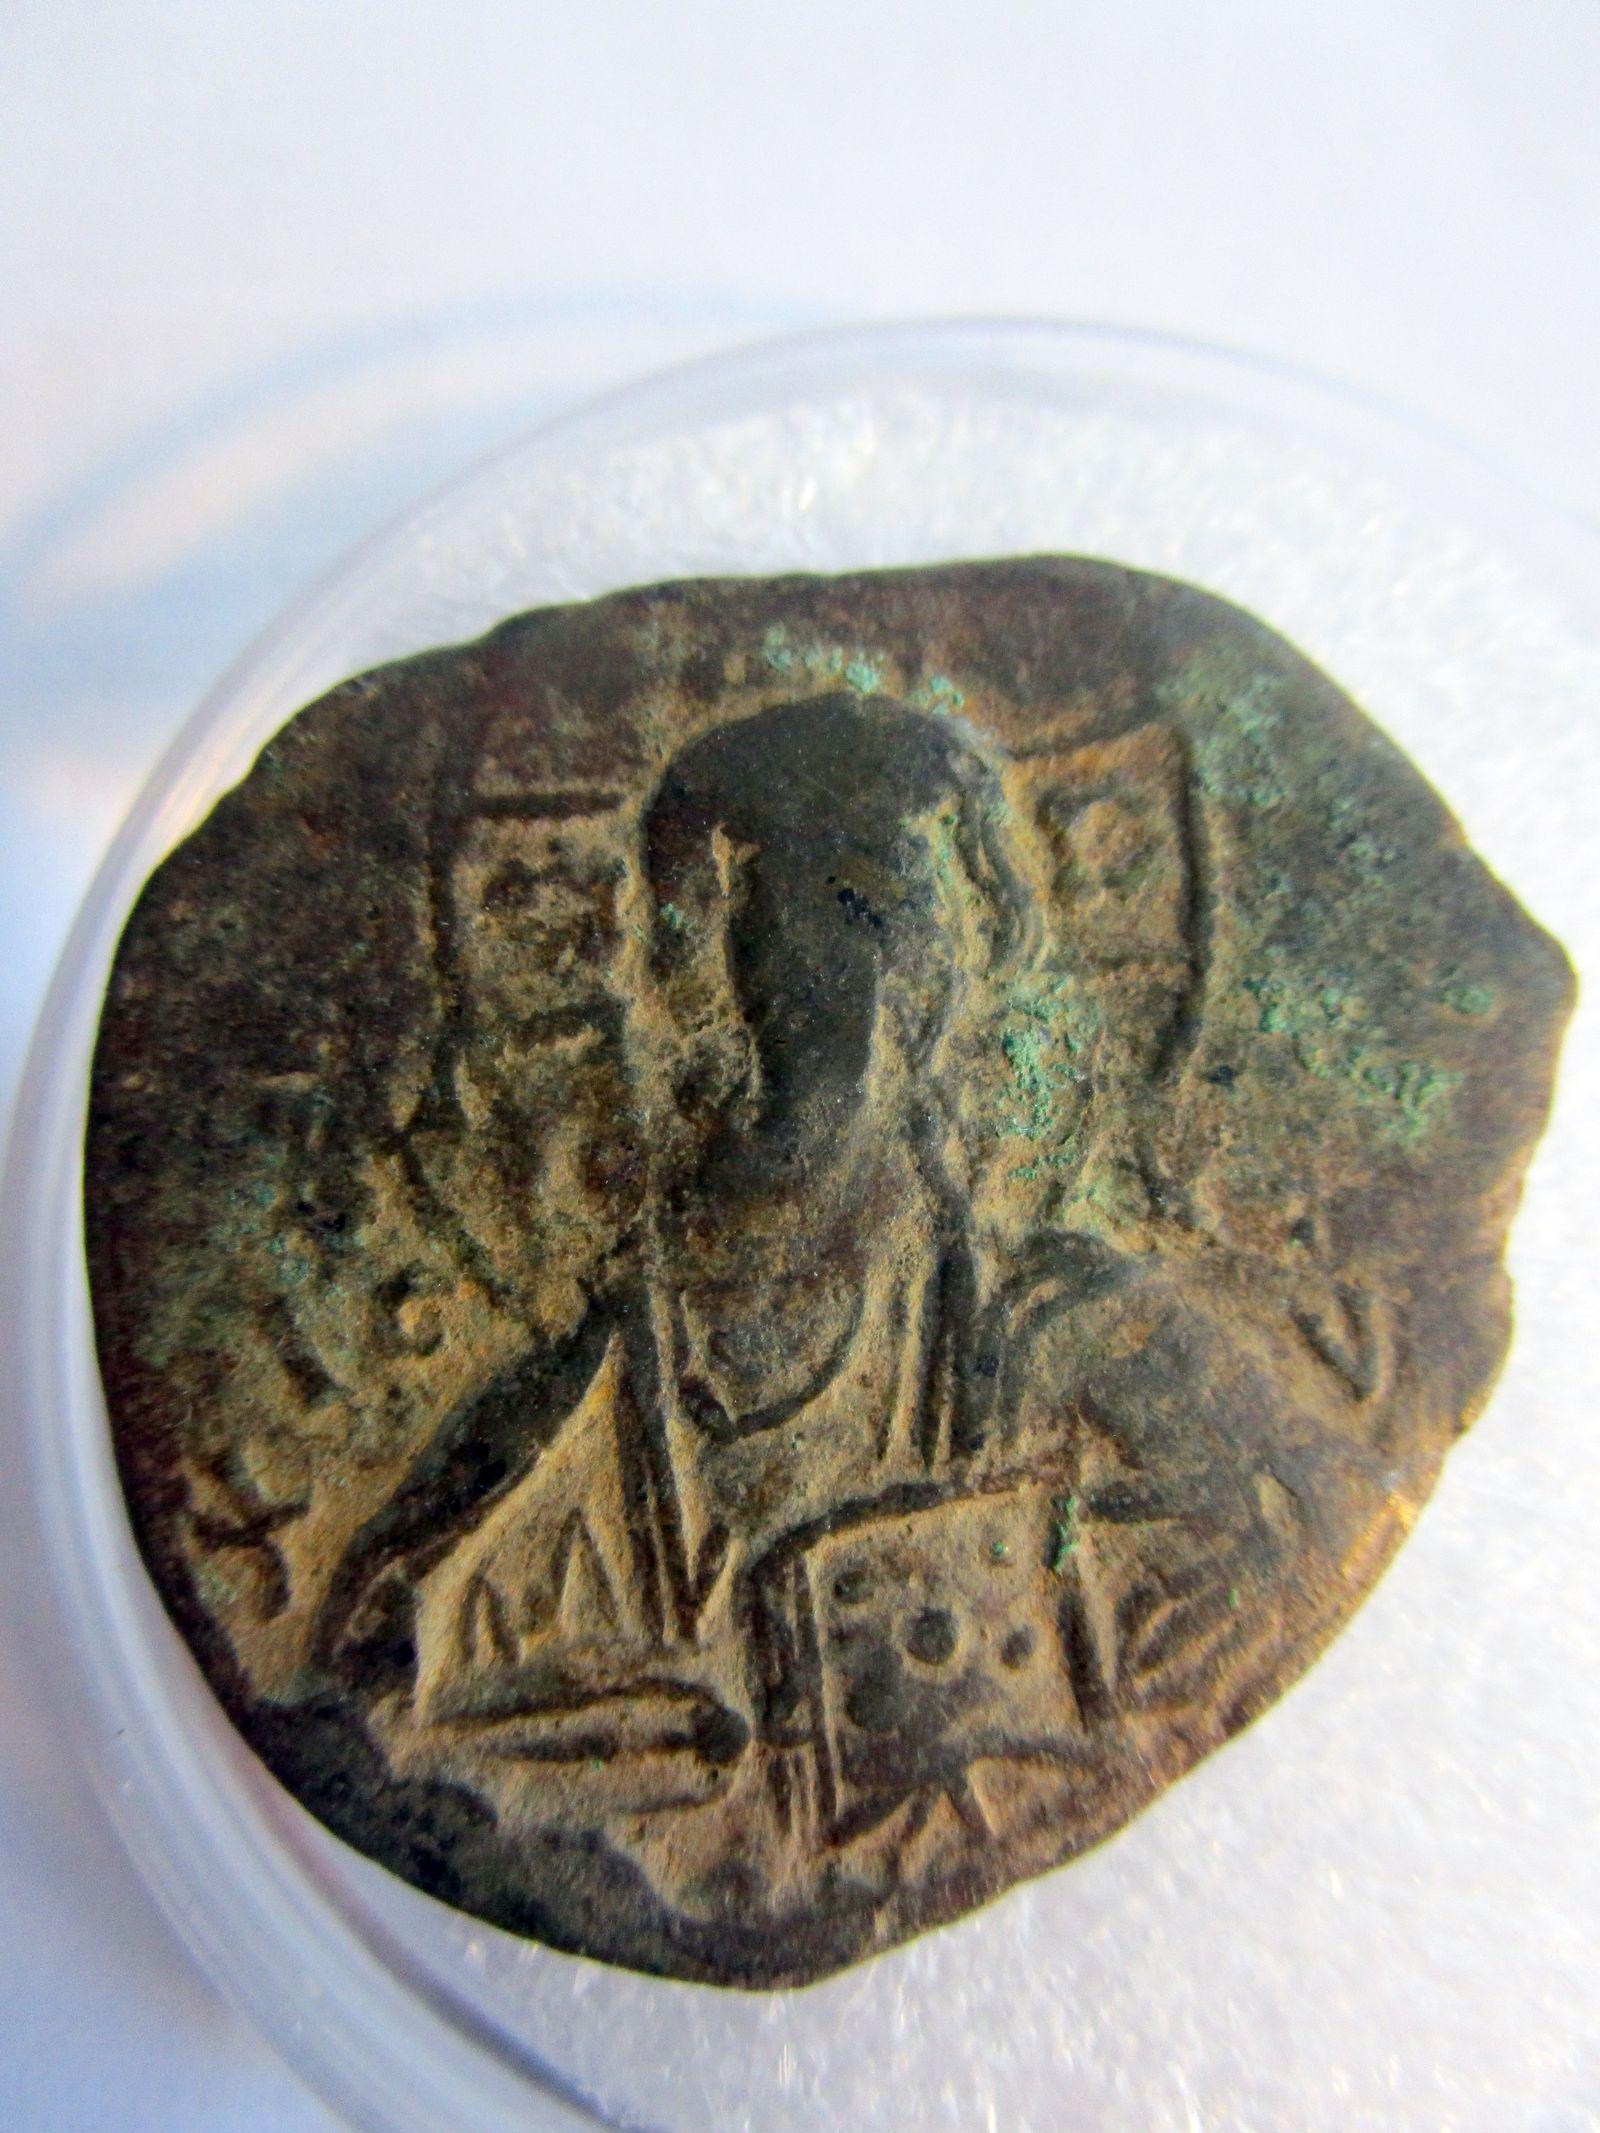 1000 Jahre alte Münze in Burglengenfeld gefunden